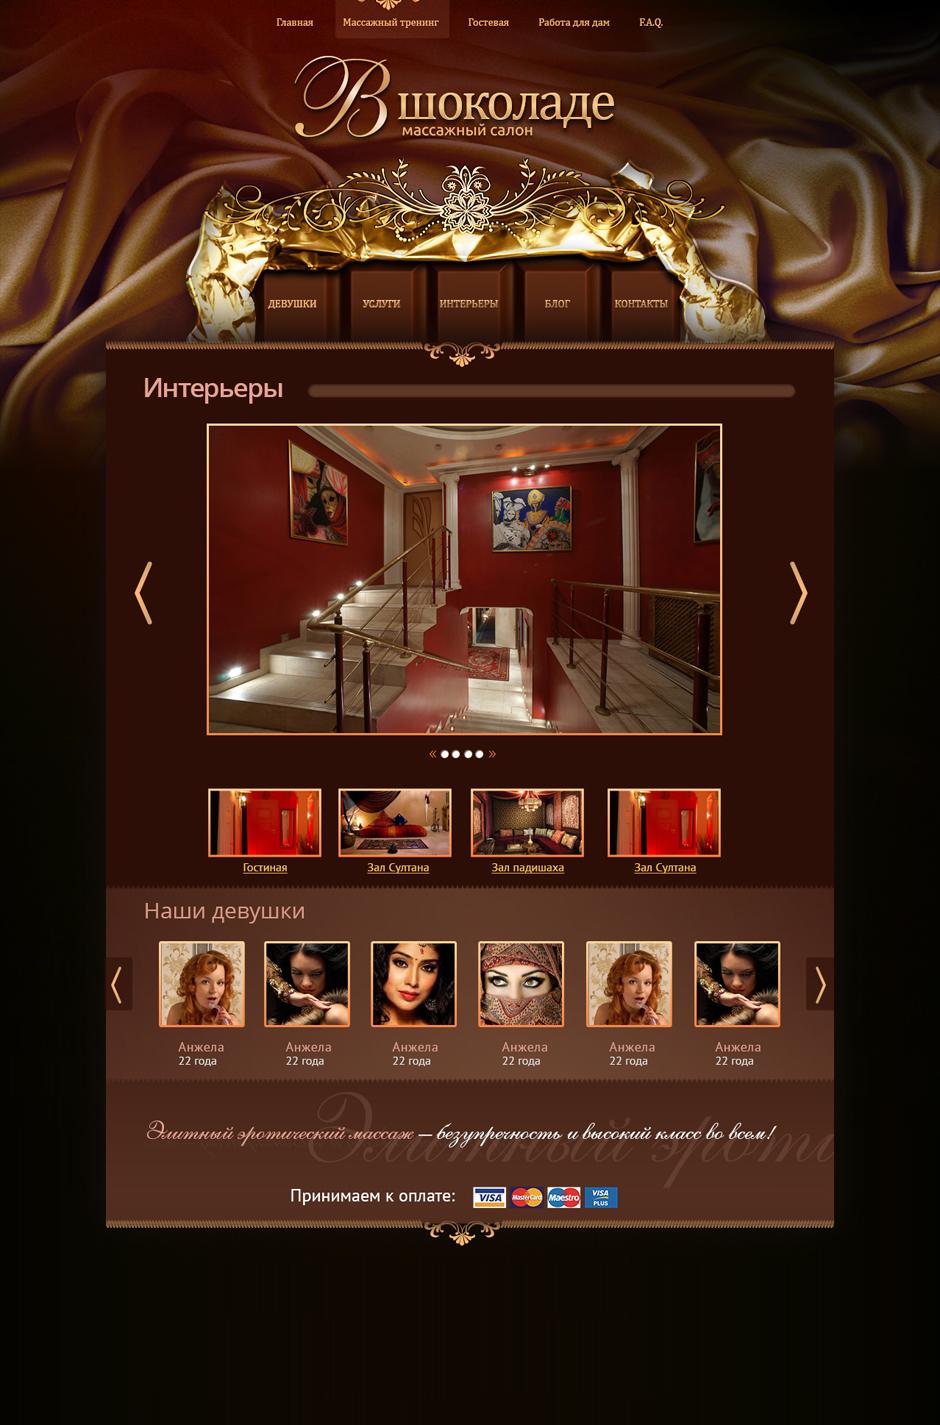 Сайт массажного салона В Шоколаде Страница Интерьеры